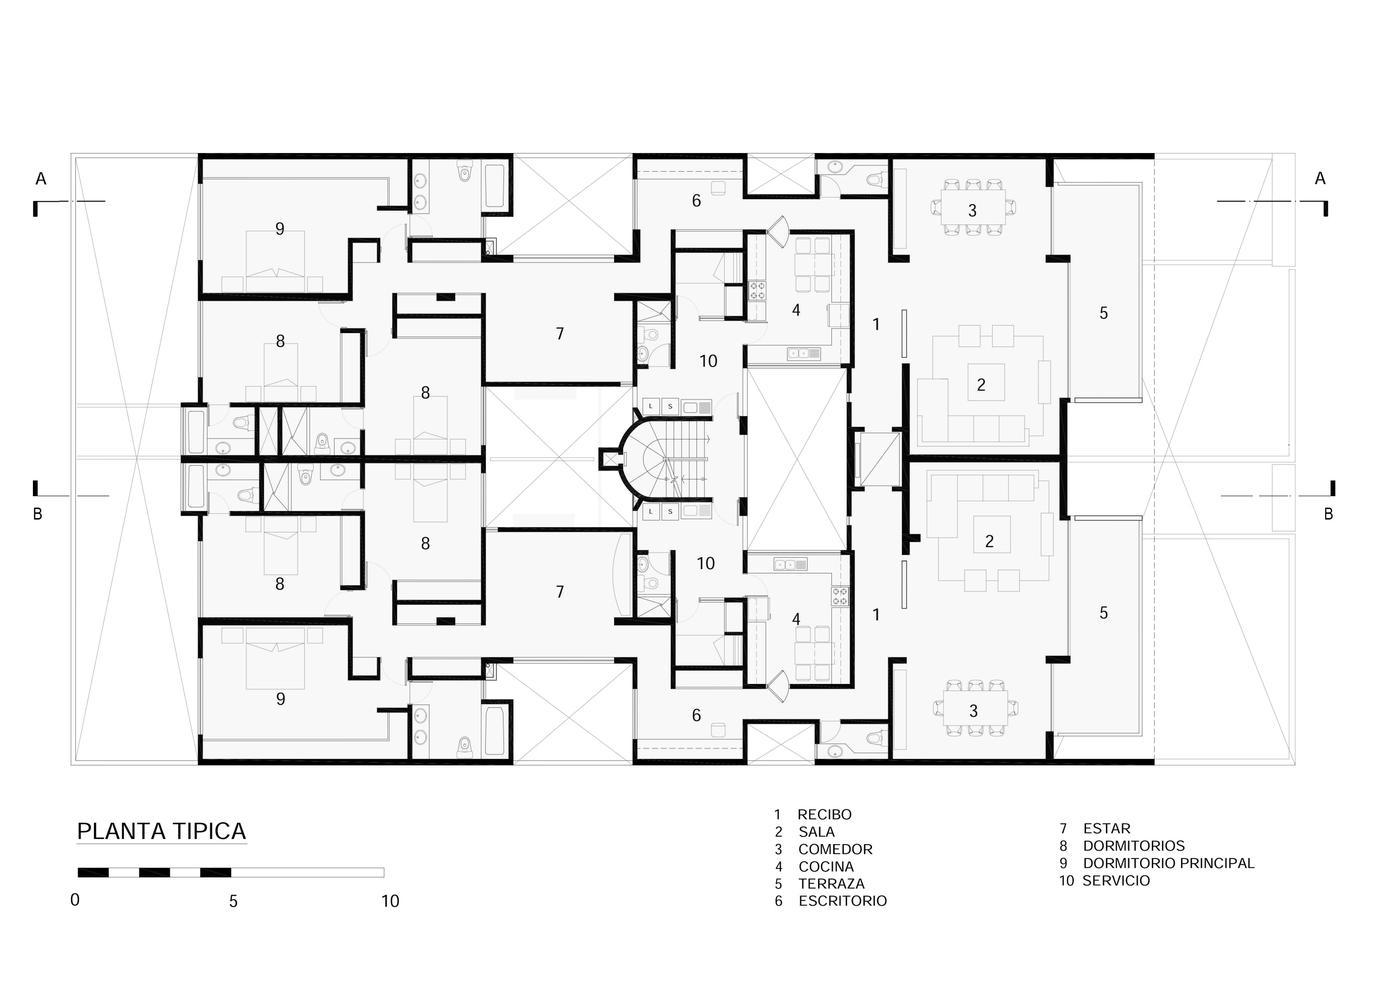 Galer a de arquitectura colectiva y de baja densidad 10 for Departamentos decorados con plantas